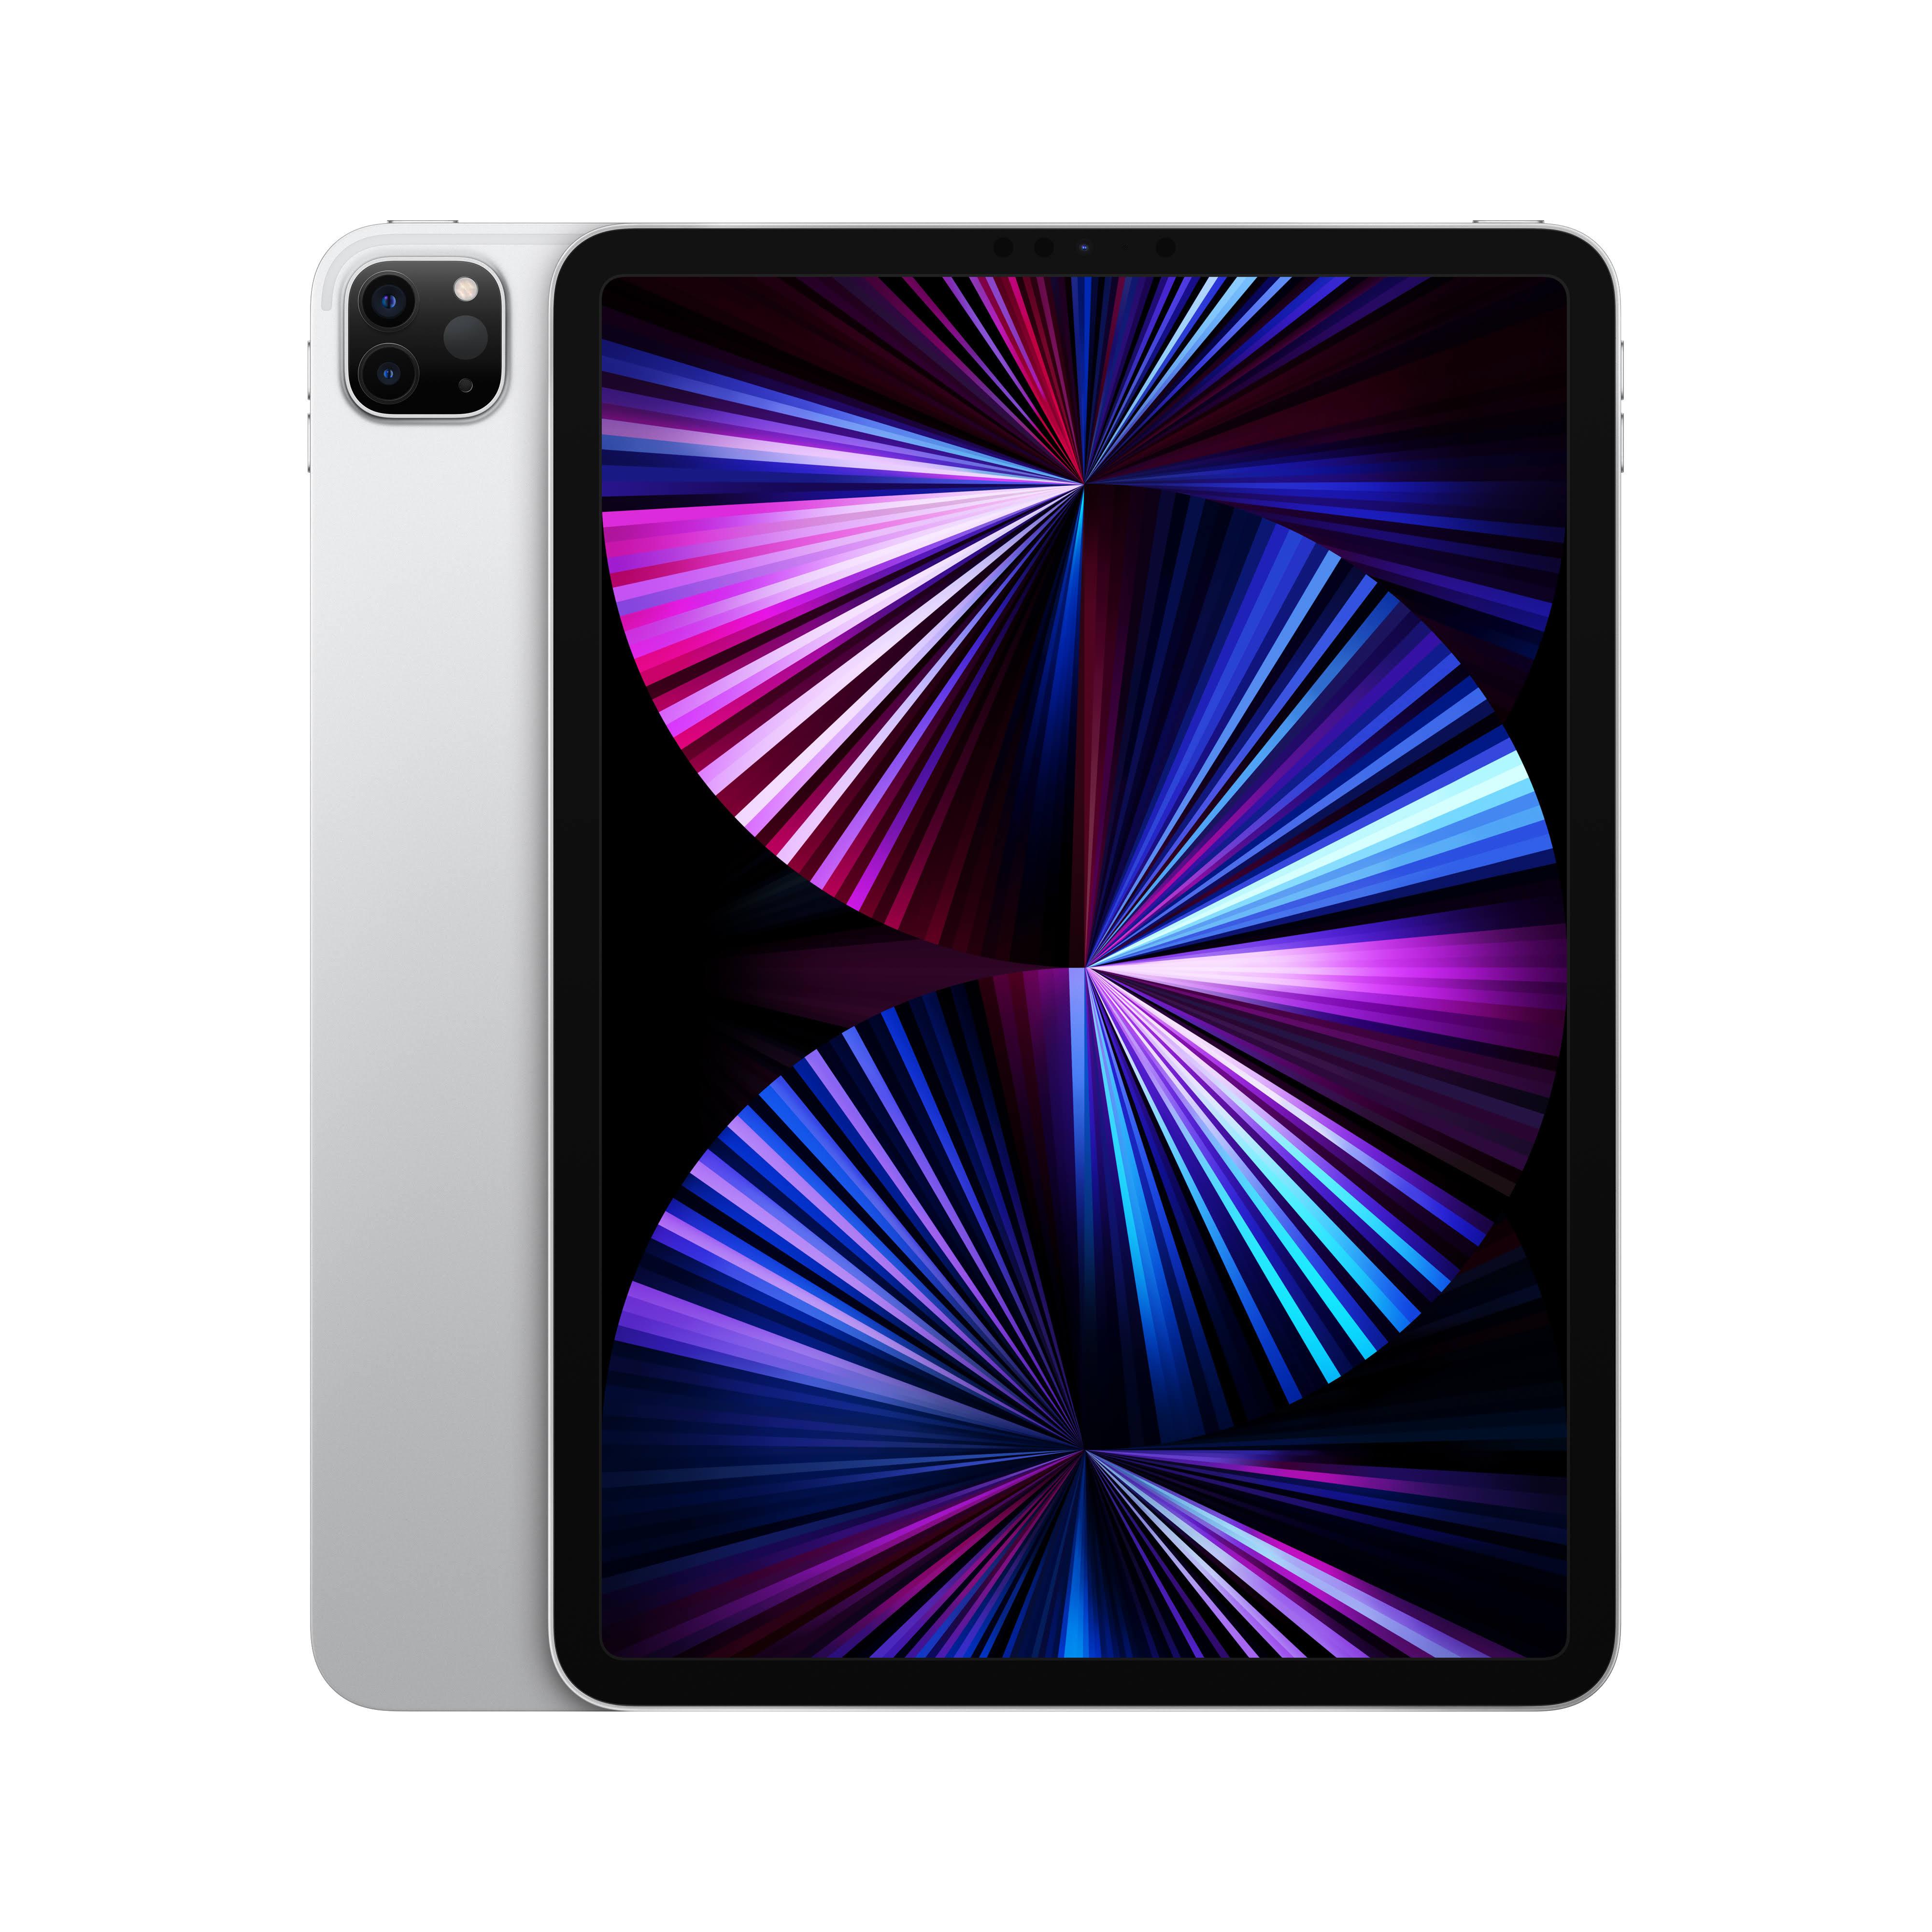 Apple iPad Pro 11 (2021) Wifi 256 GB Silver (3rd Gen)